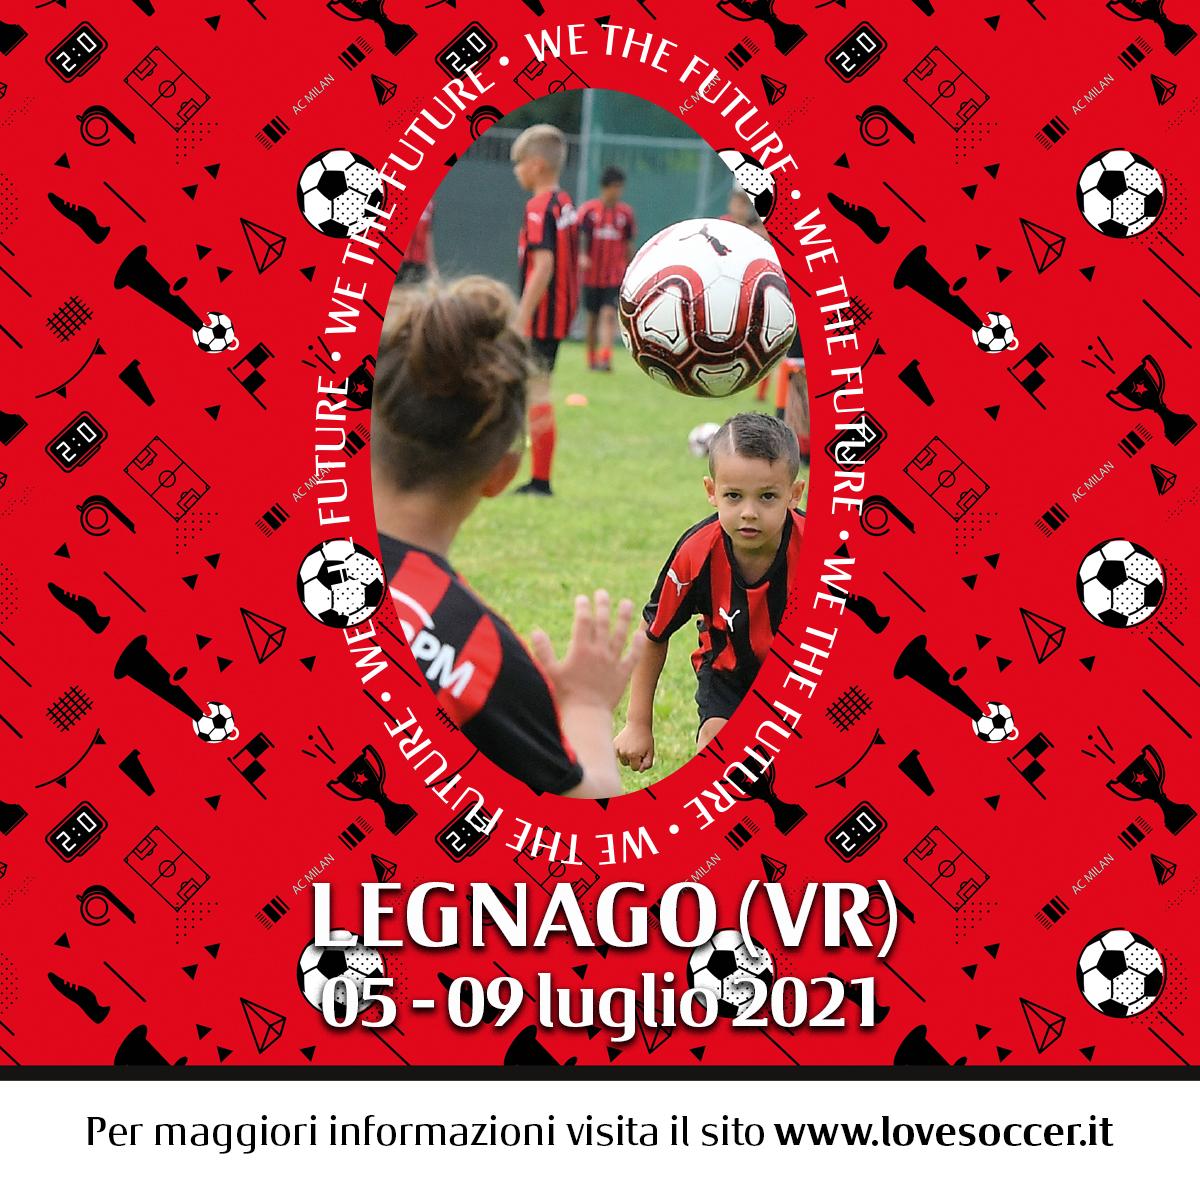 Legnago (VR) 5-9 luglio 2021: ISCRIZIONI CHIUSE